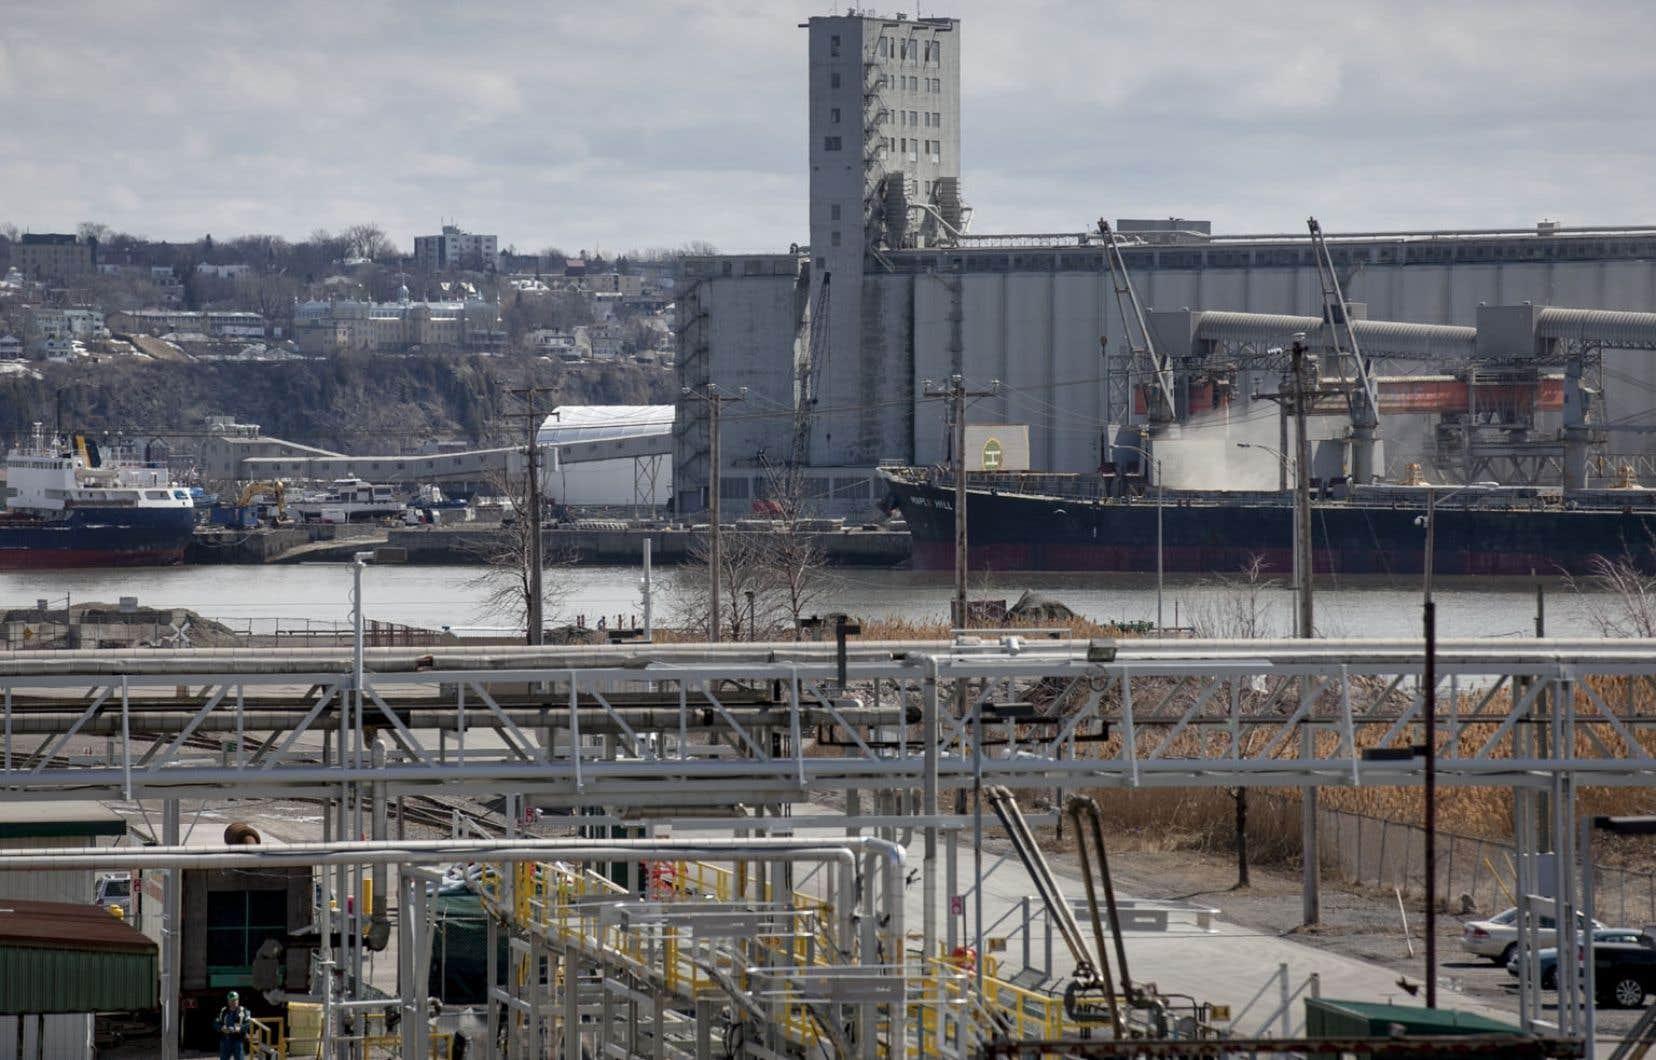 Des études avaient déjà démontré que les concentrations de nickel dépassaient de 4,4 fois la norme à Limoilou et qu'elles provenaient entre autres des activités de vrac du port de Québec.